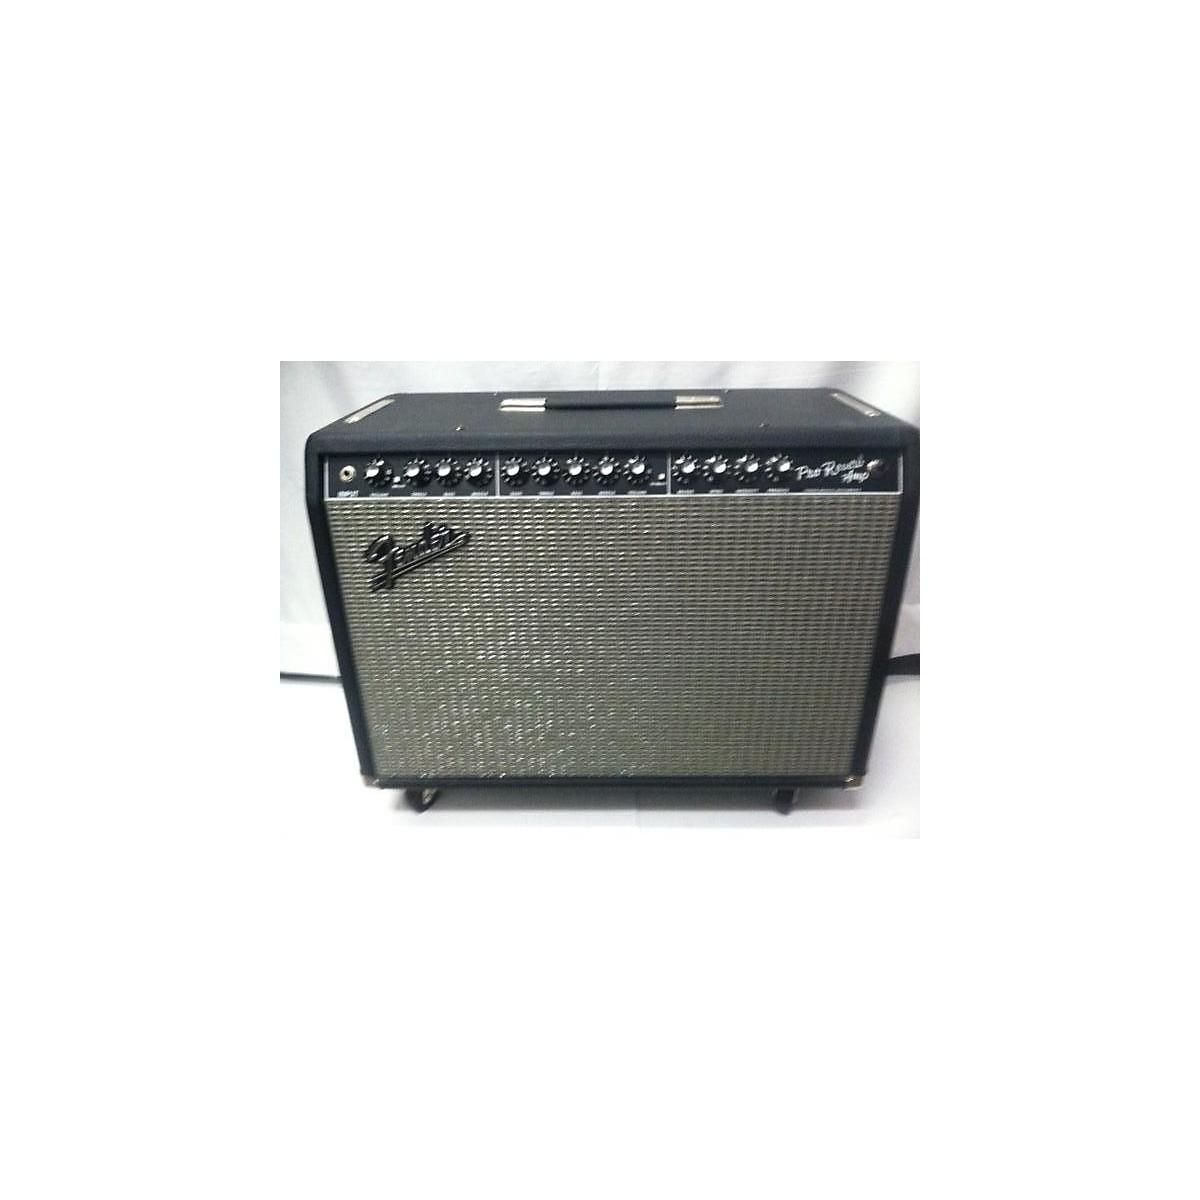 Fender Pro Reverb Reissue Tube Guitar Combo Amp